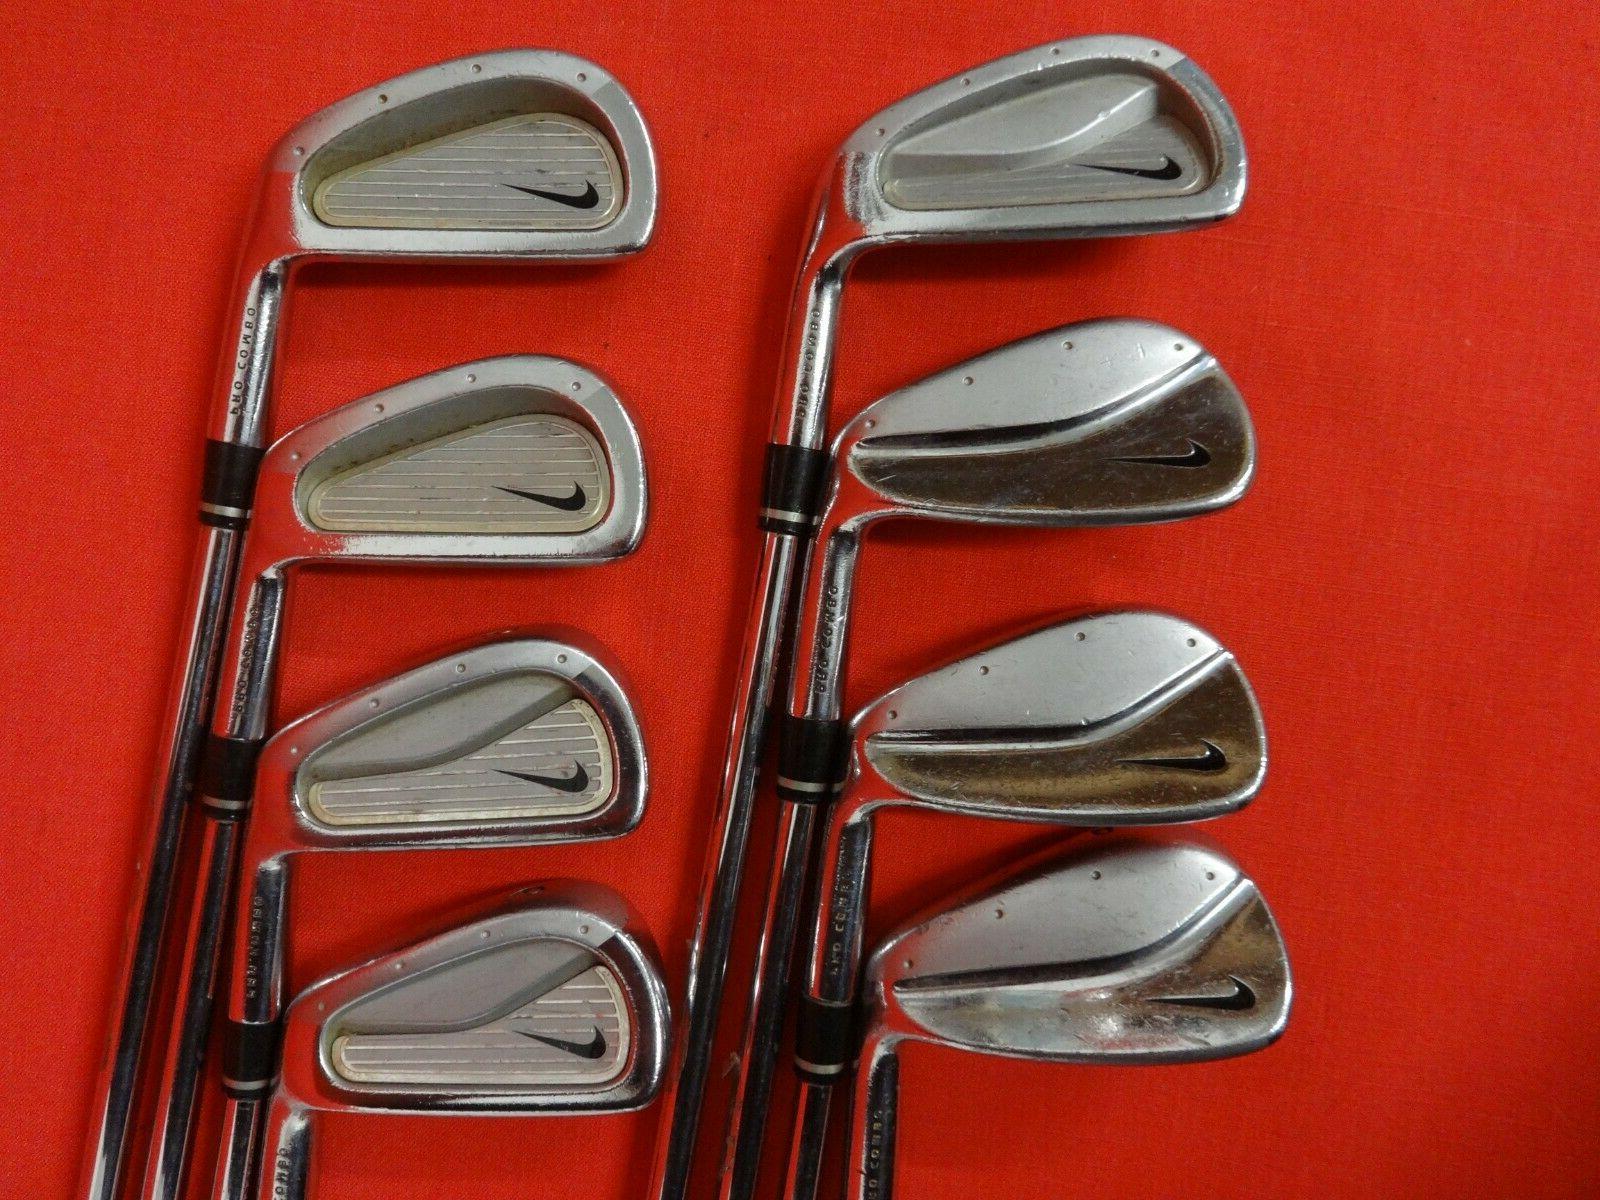 pro combo forged 3 pw iron set